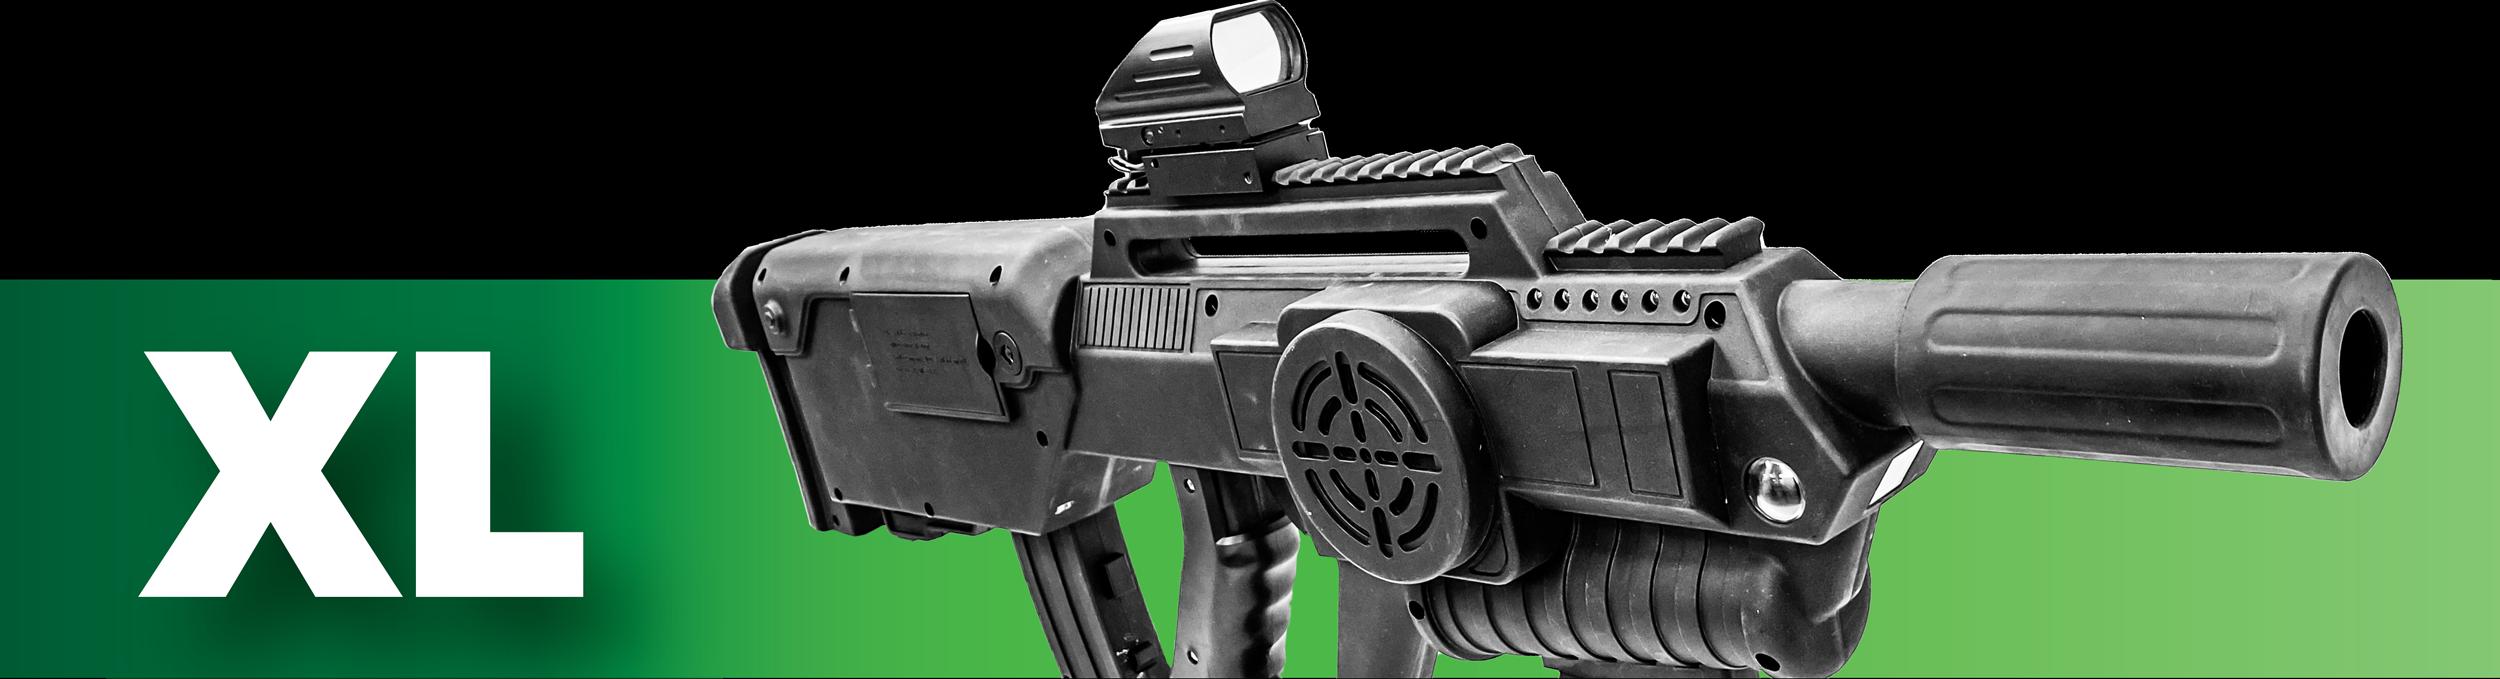 xl-laser-tag